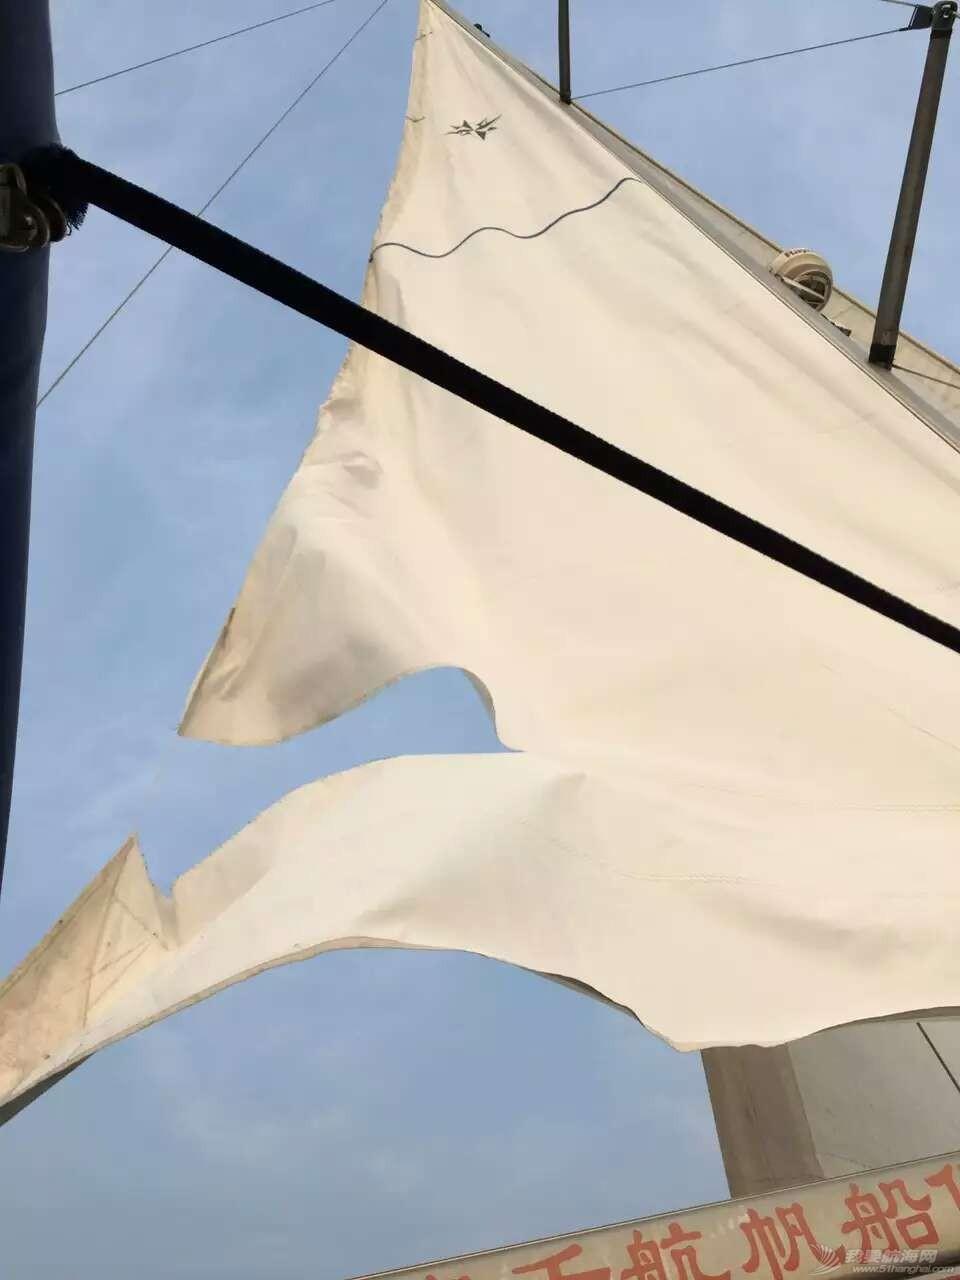 人生第一次长航-参加我要去航海-千航帆船队-环渤海拉力赛 撕裂的主帆